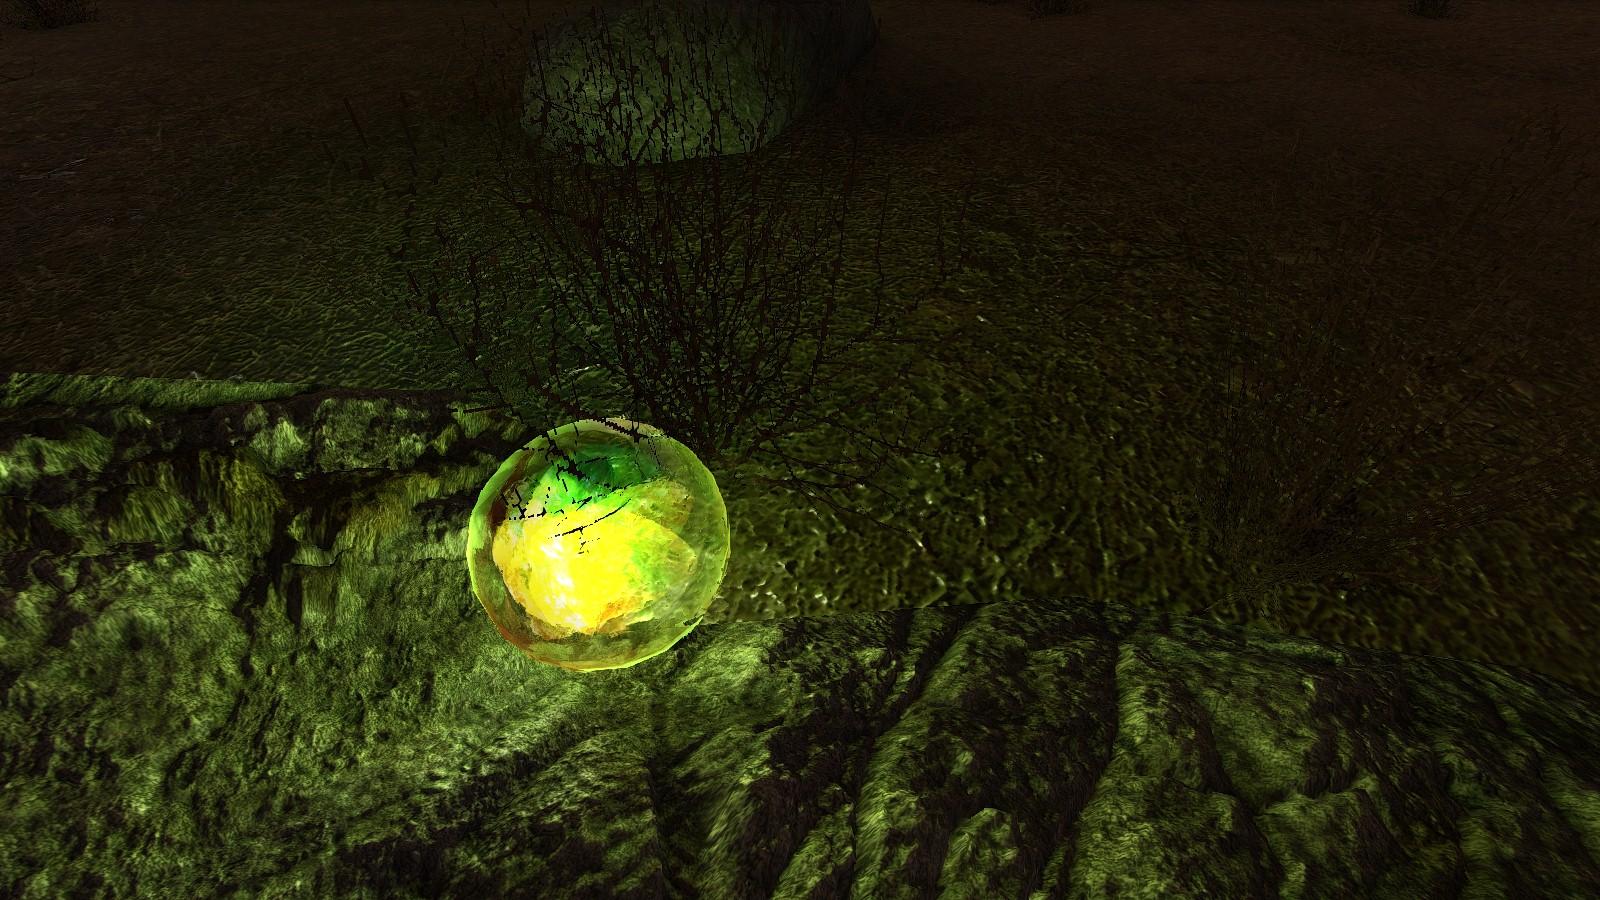 смотреть фото артефакта обруч медузы рискуя